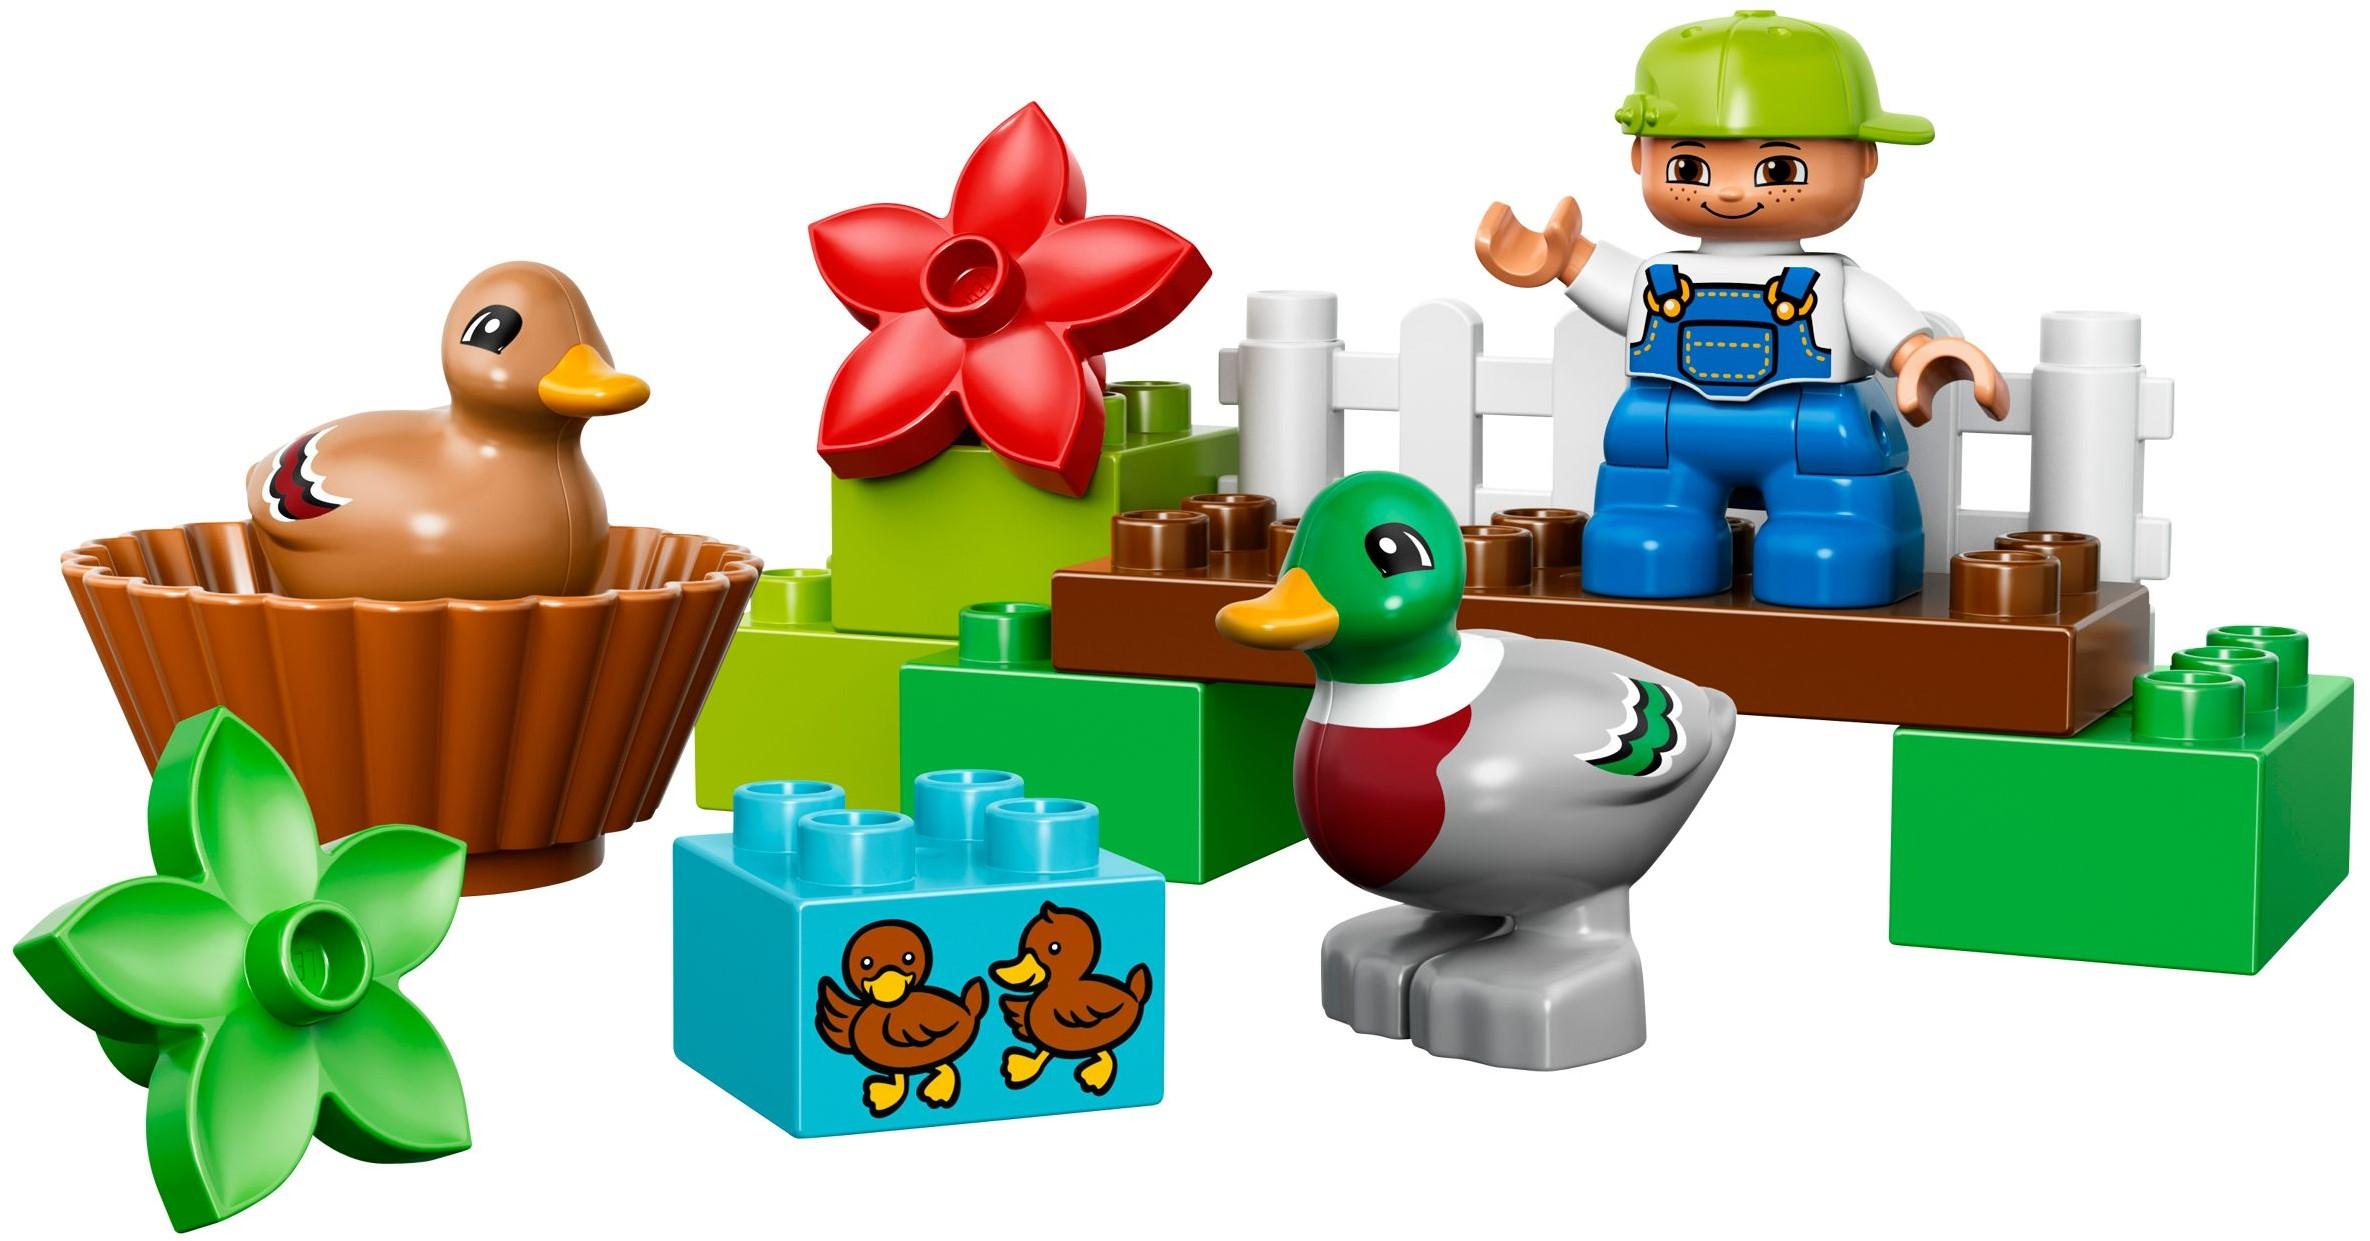 2015 Duplo Brickset Lego Set Guide And Database